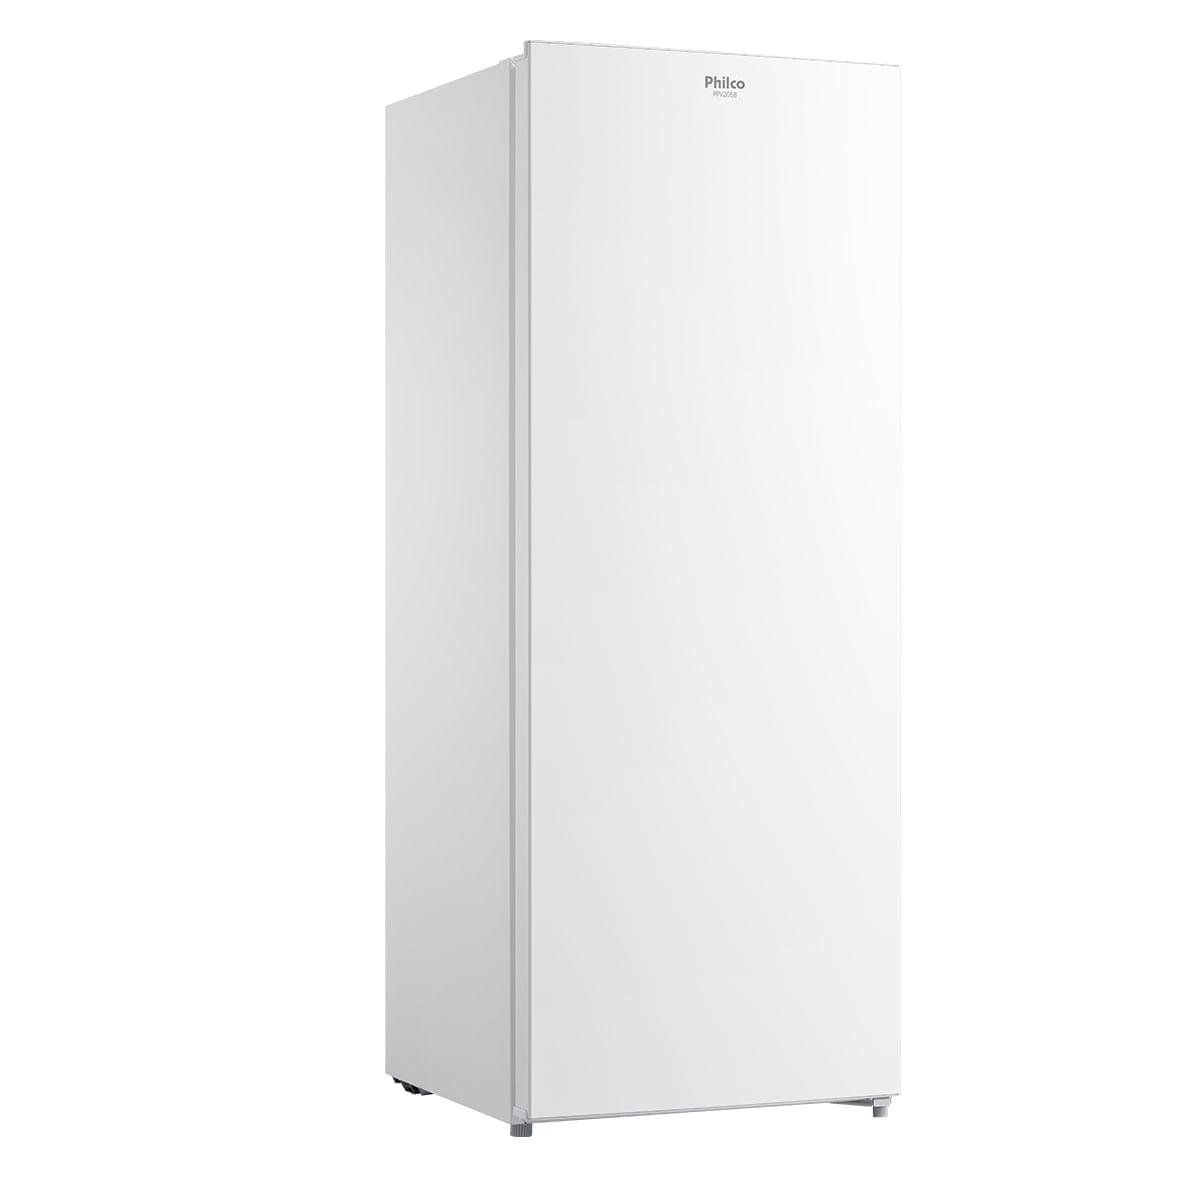 Imagem de Freezer Vertical Philco 1 Porta 201 Litros - PFV205B